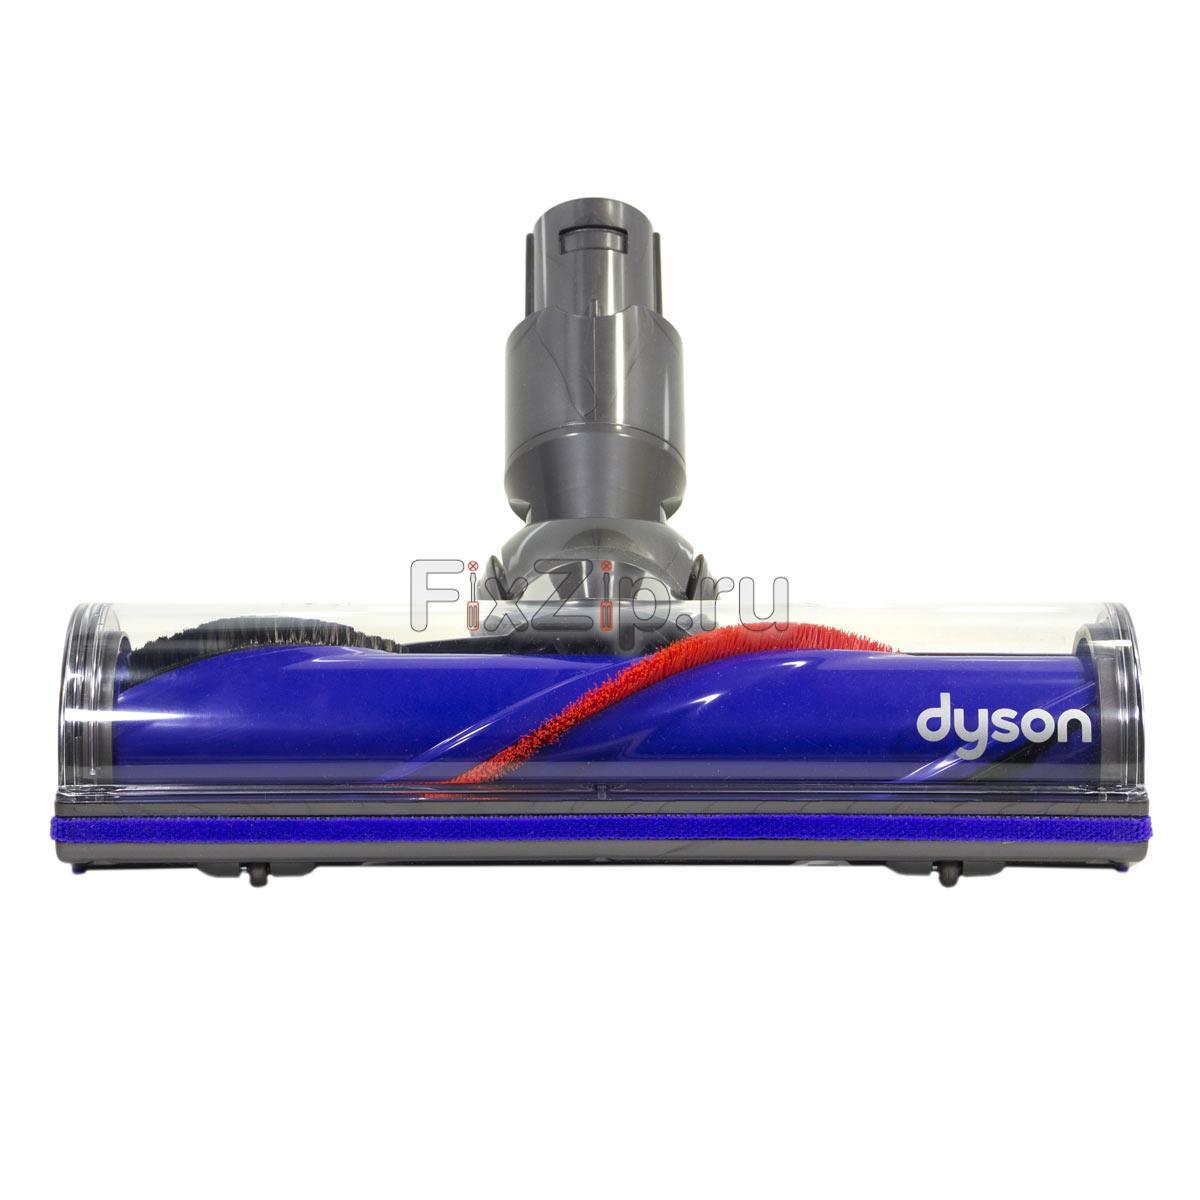 Запчасти для пылесосов dyson mini dyson